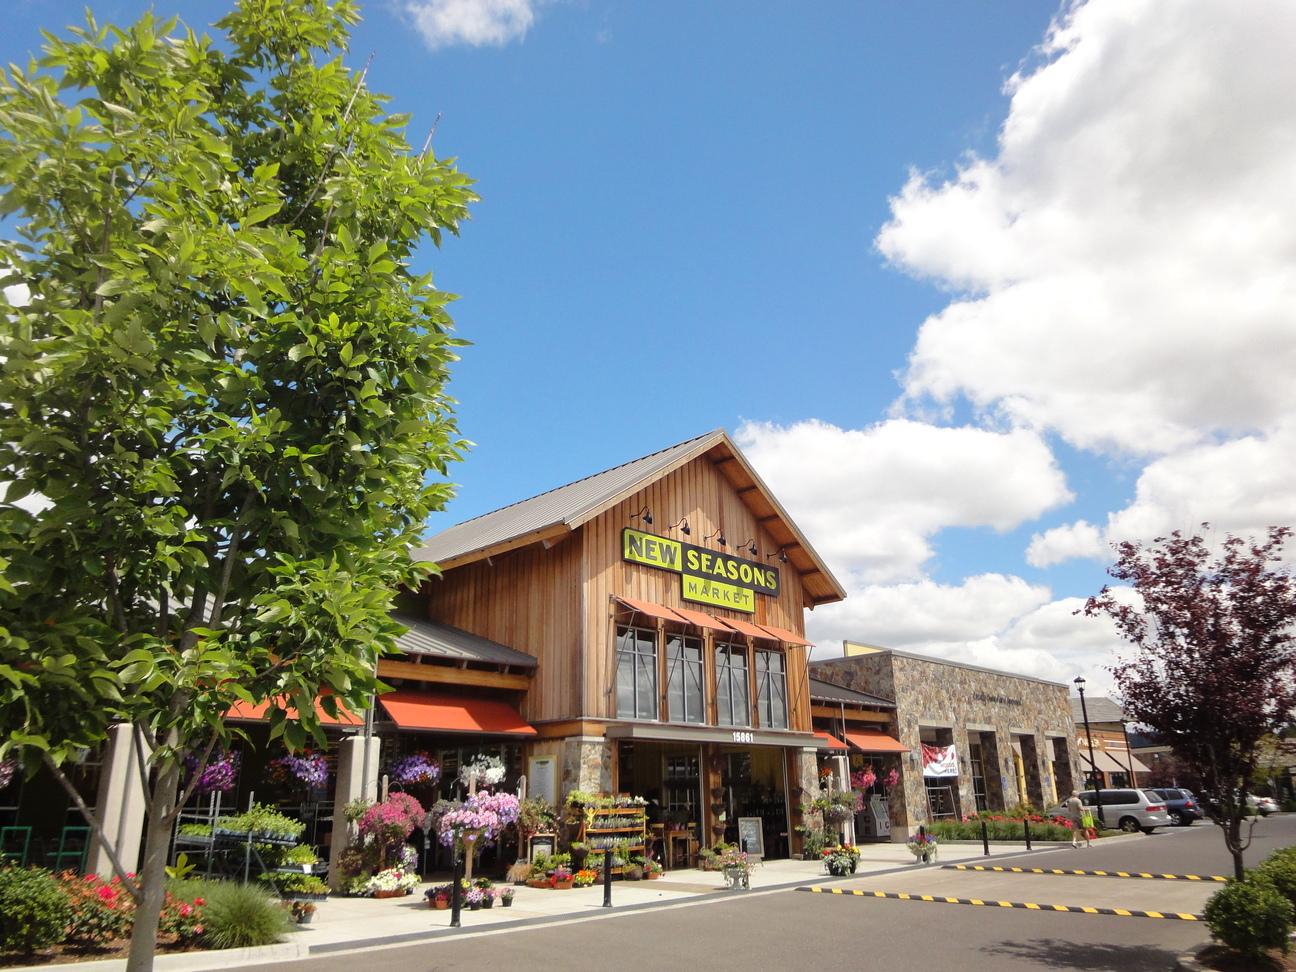 Outdoor shopping center